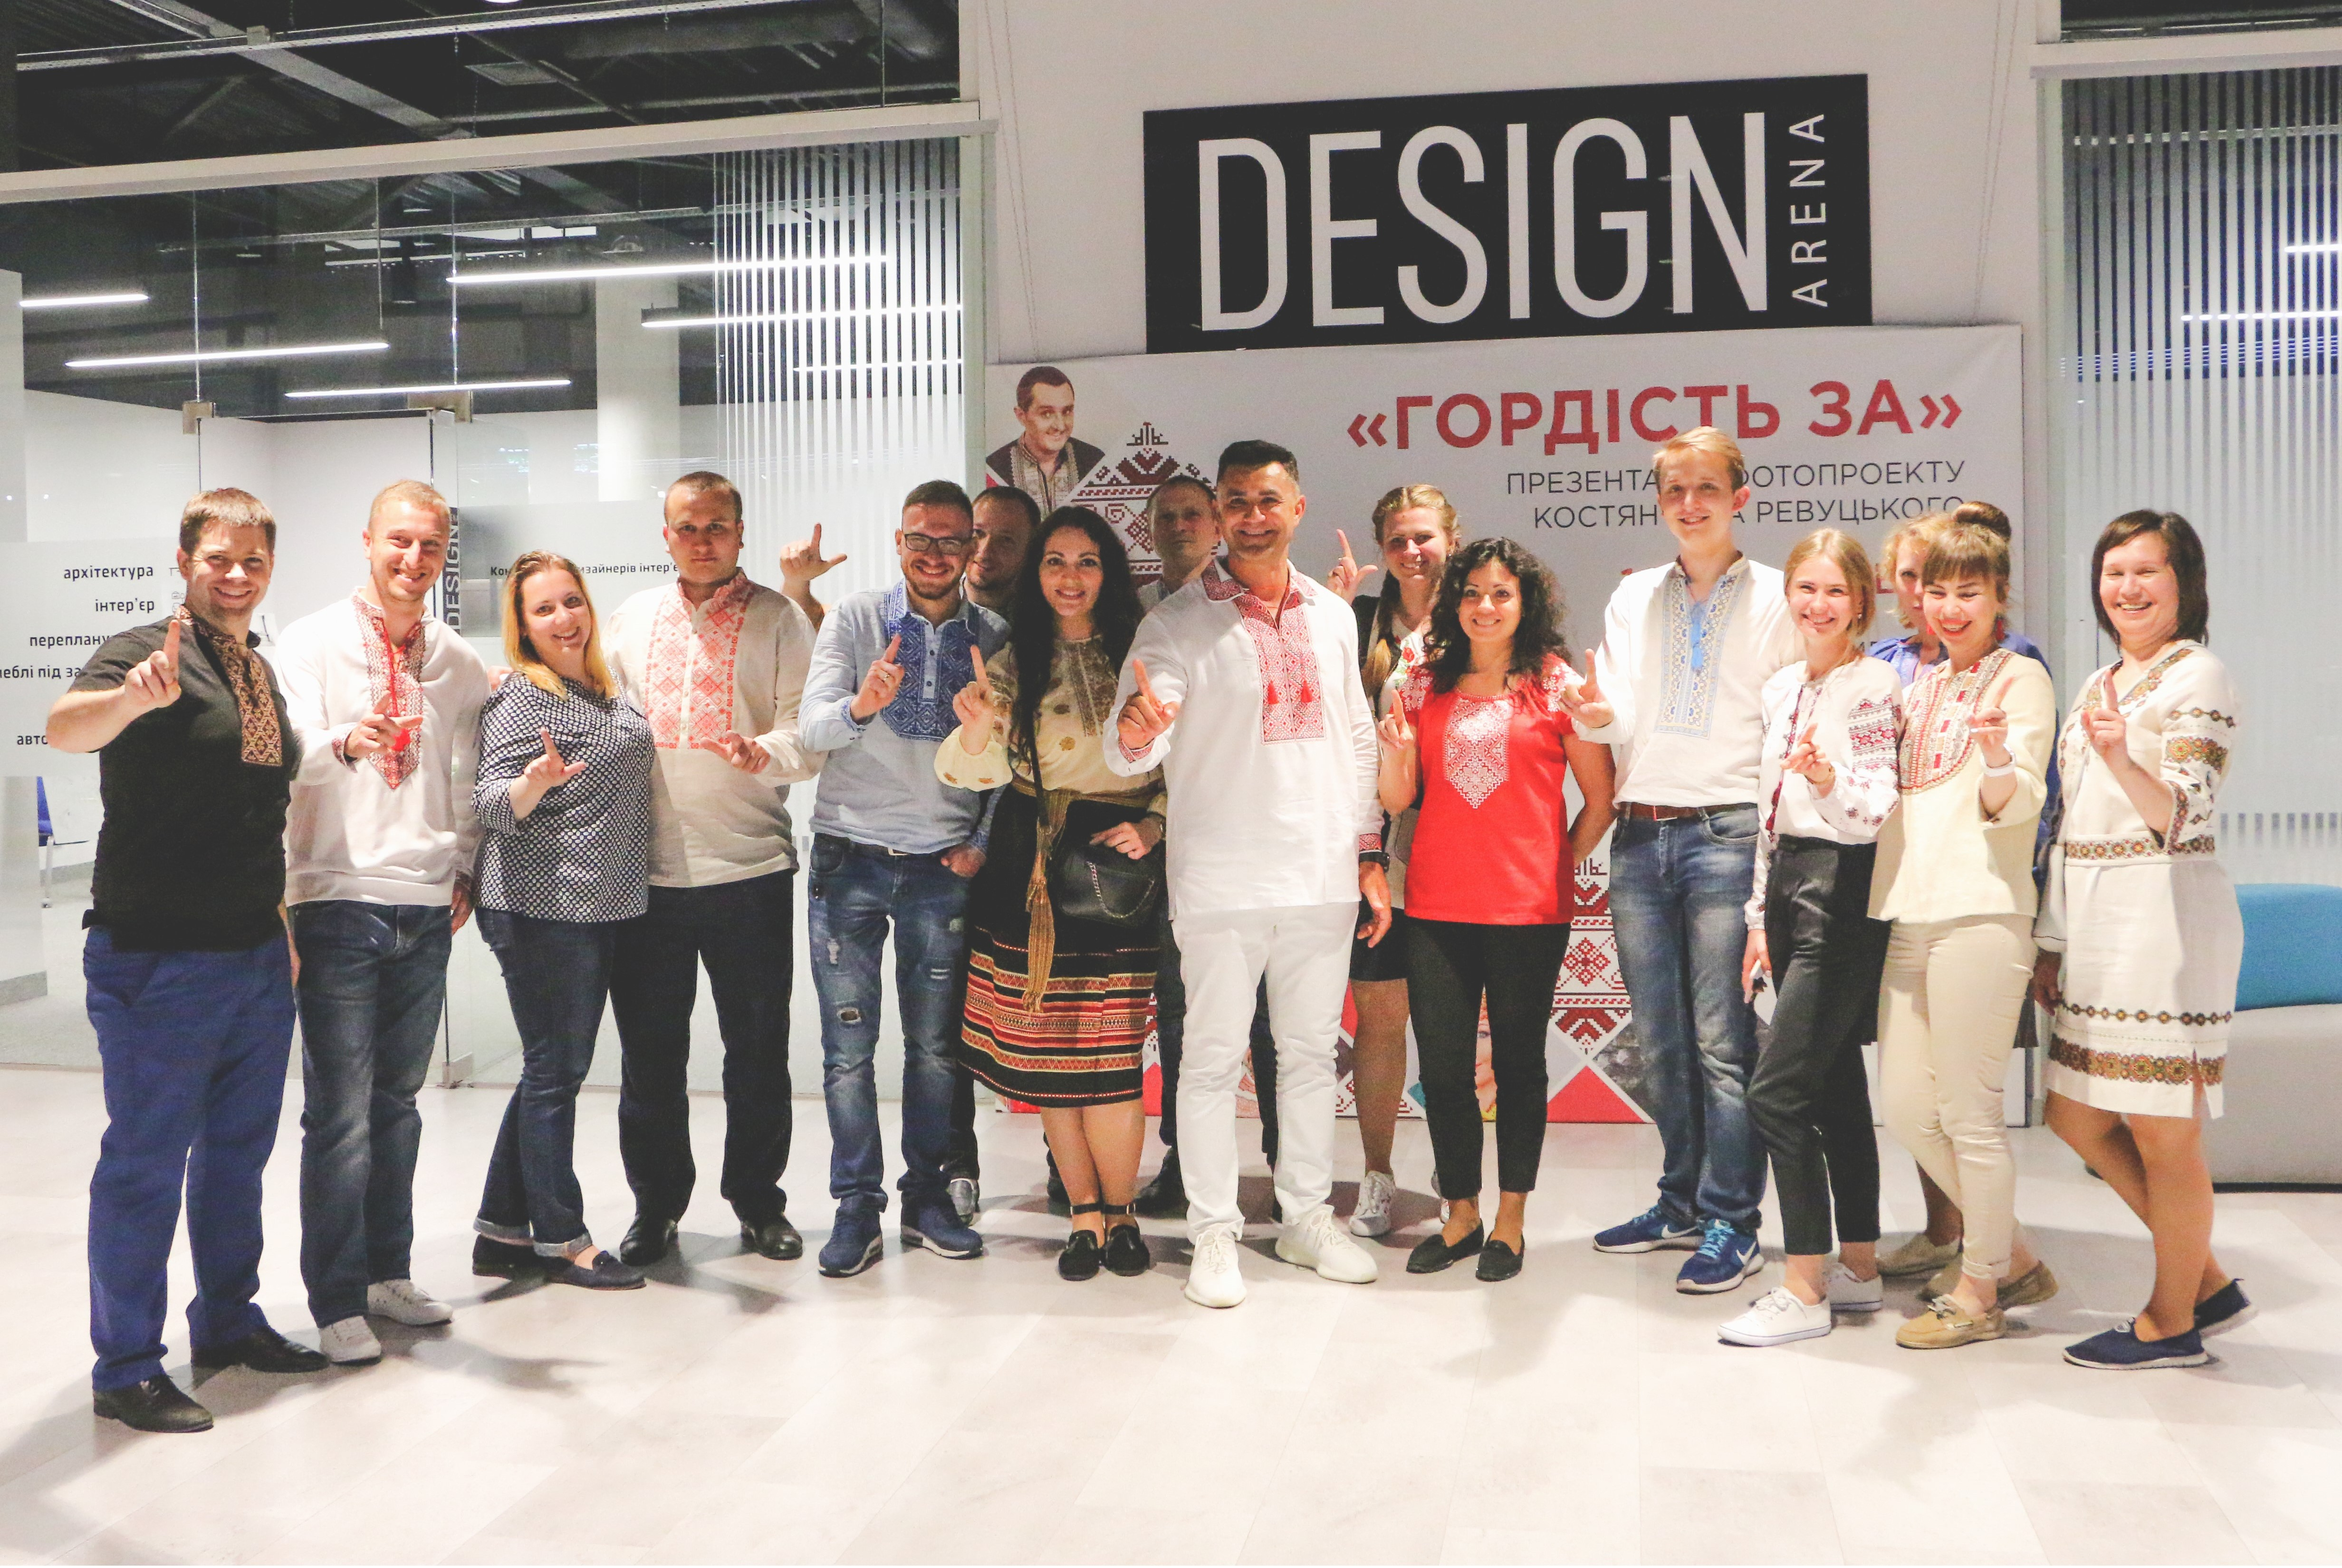 В Киеве презентовали яркую фотовыставку - украинские звезды в вышиванках